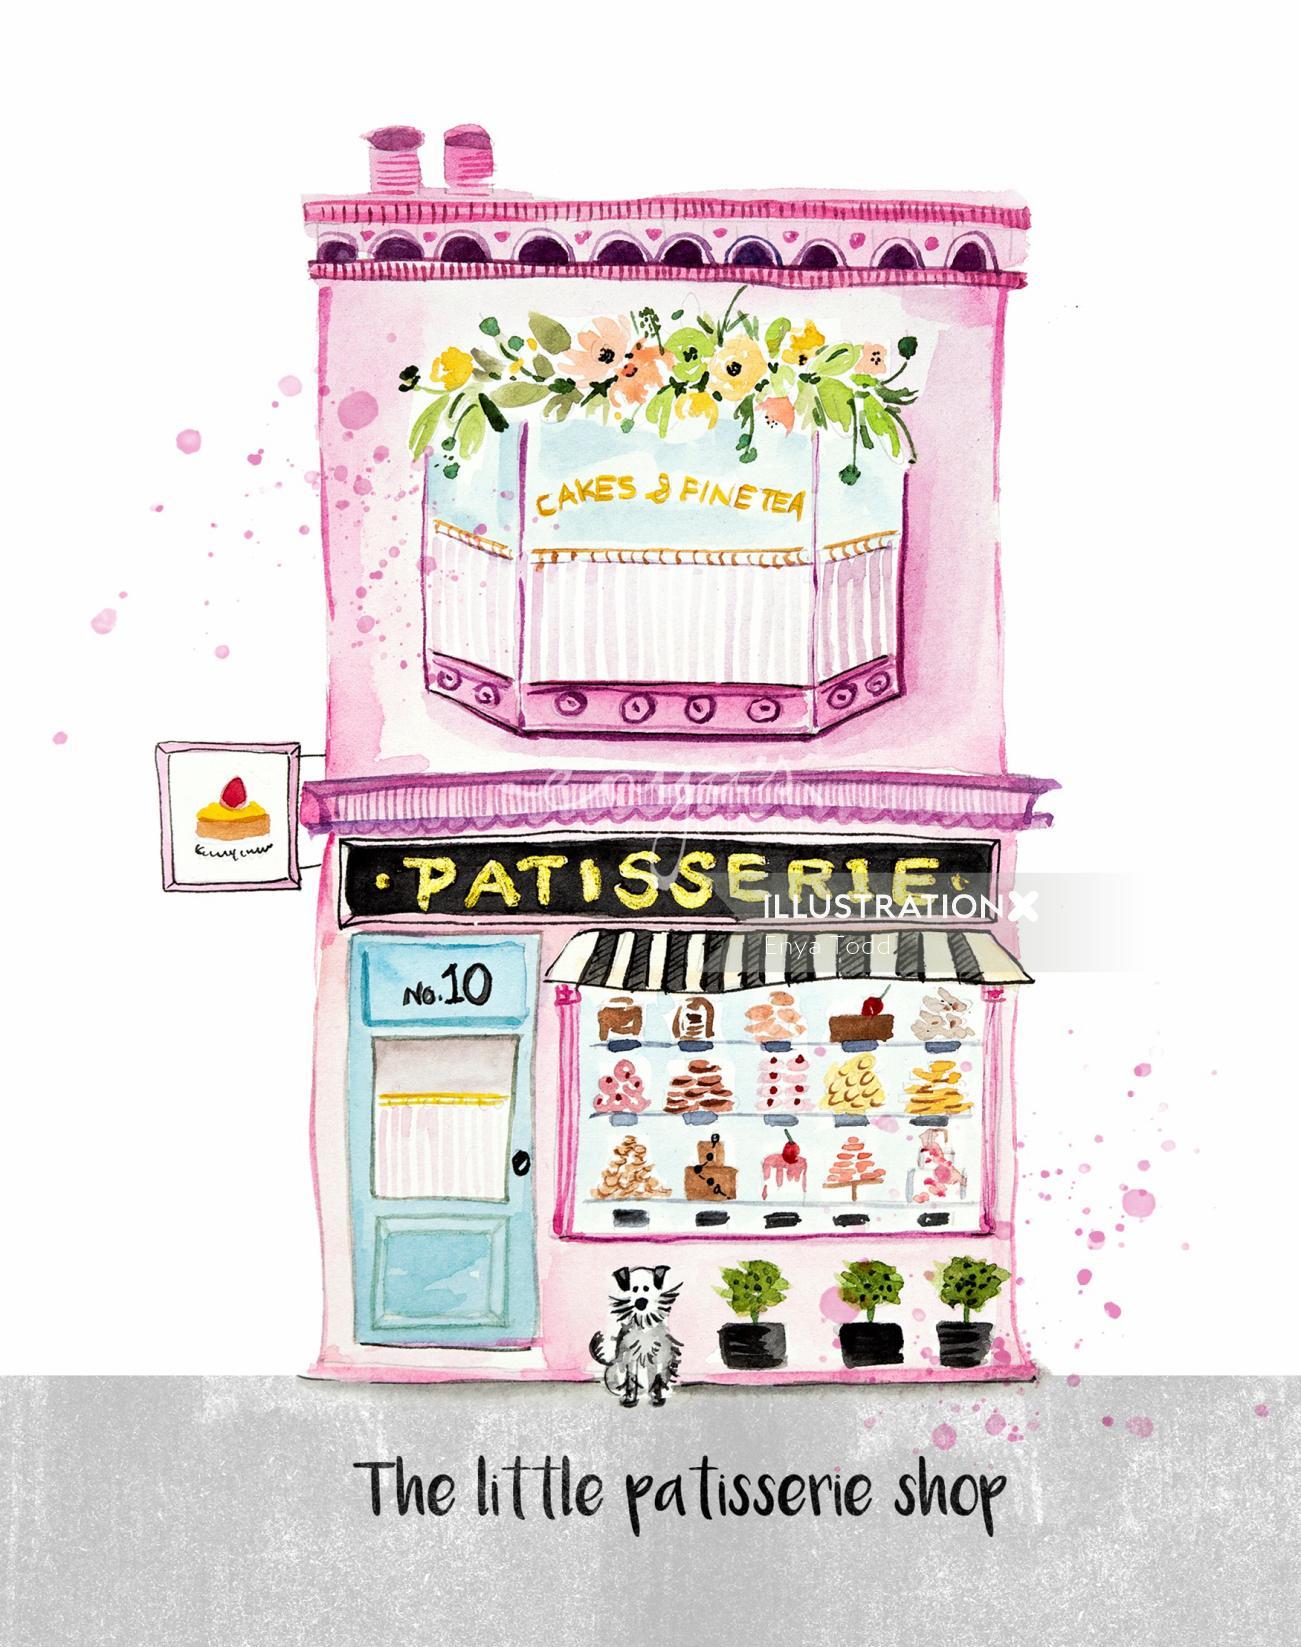 Watercolor The little patisserie shop